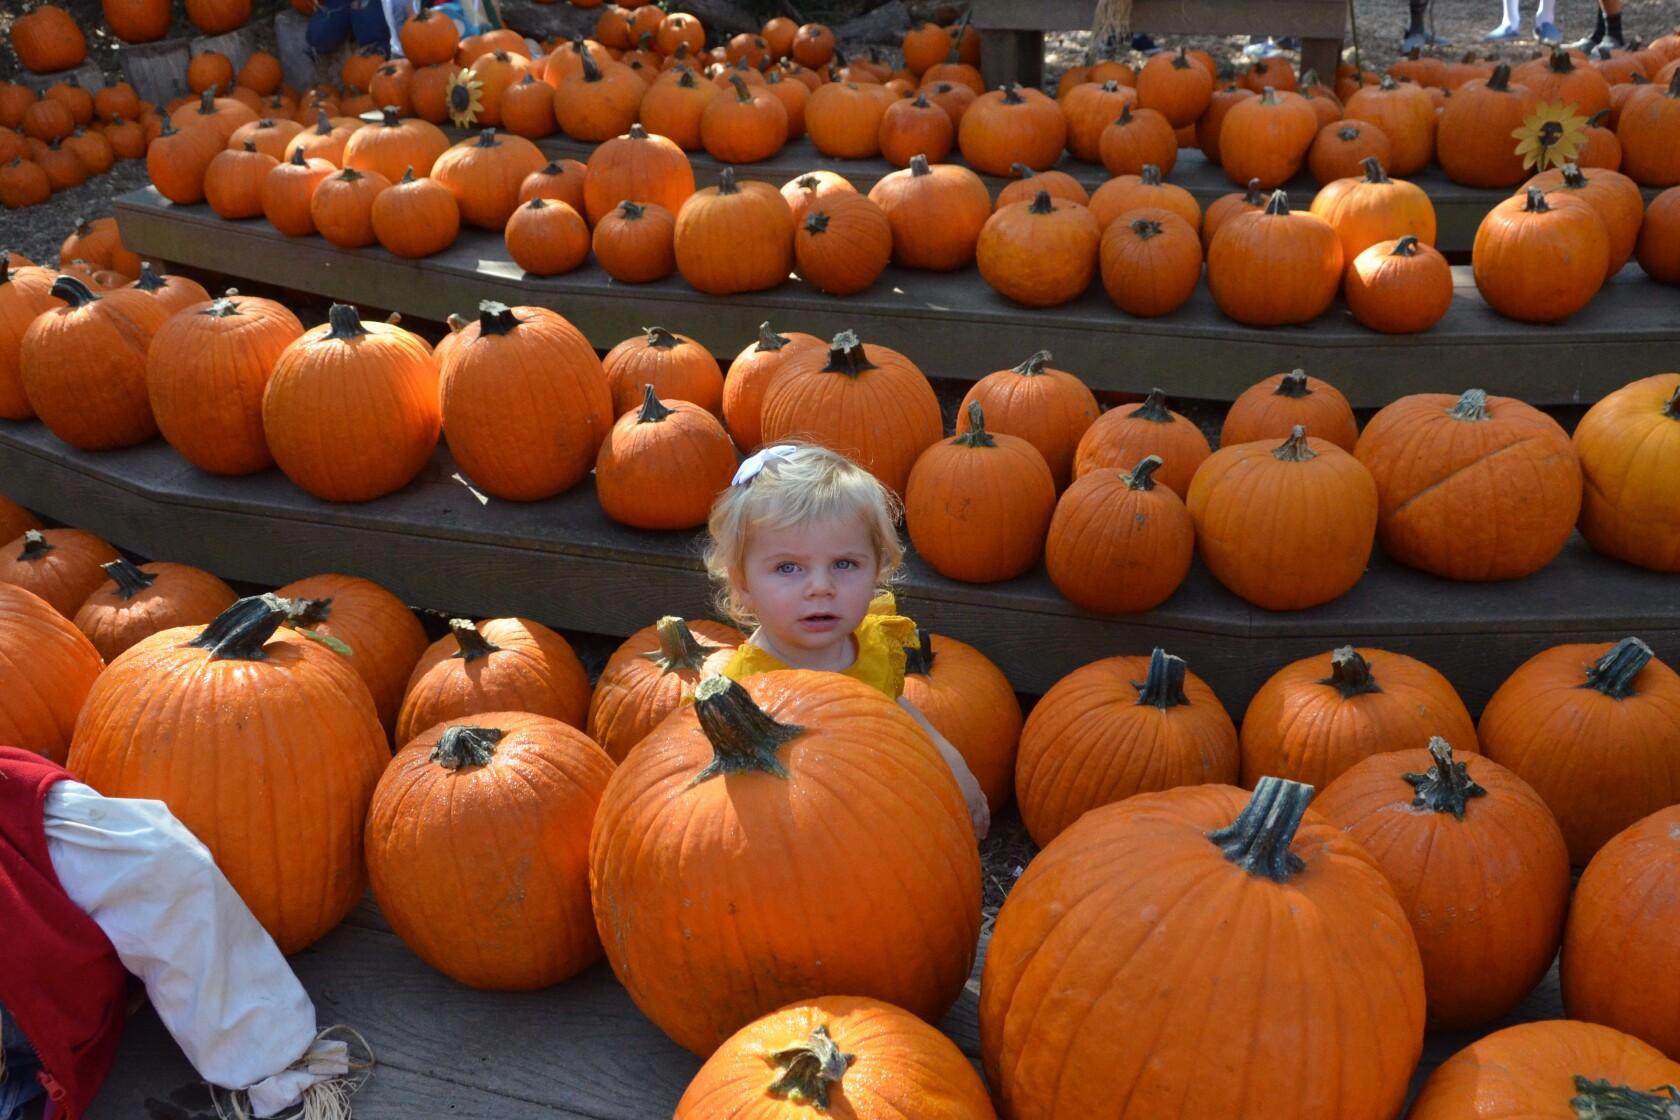 It's the great pumpkin patch, Newport Beach